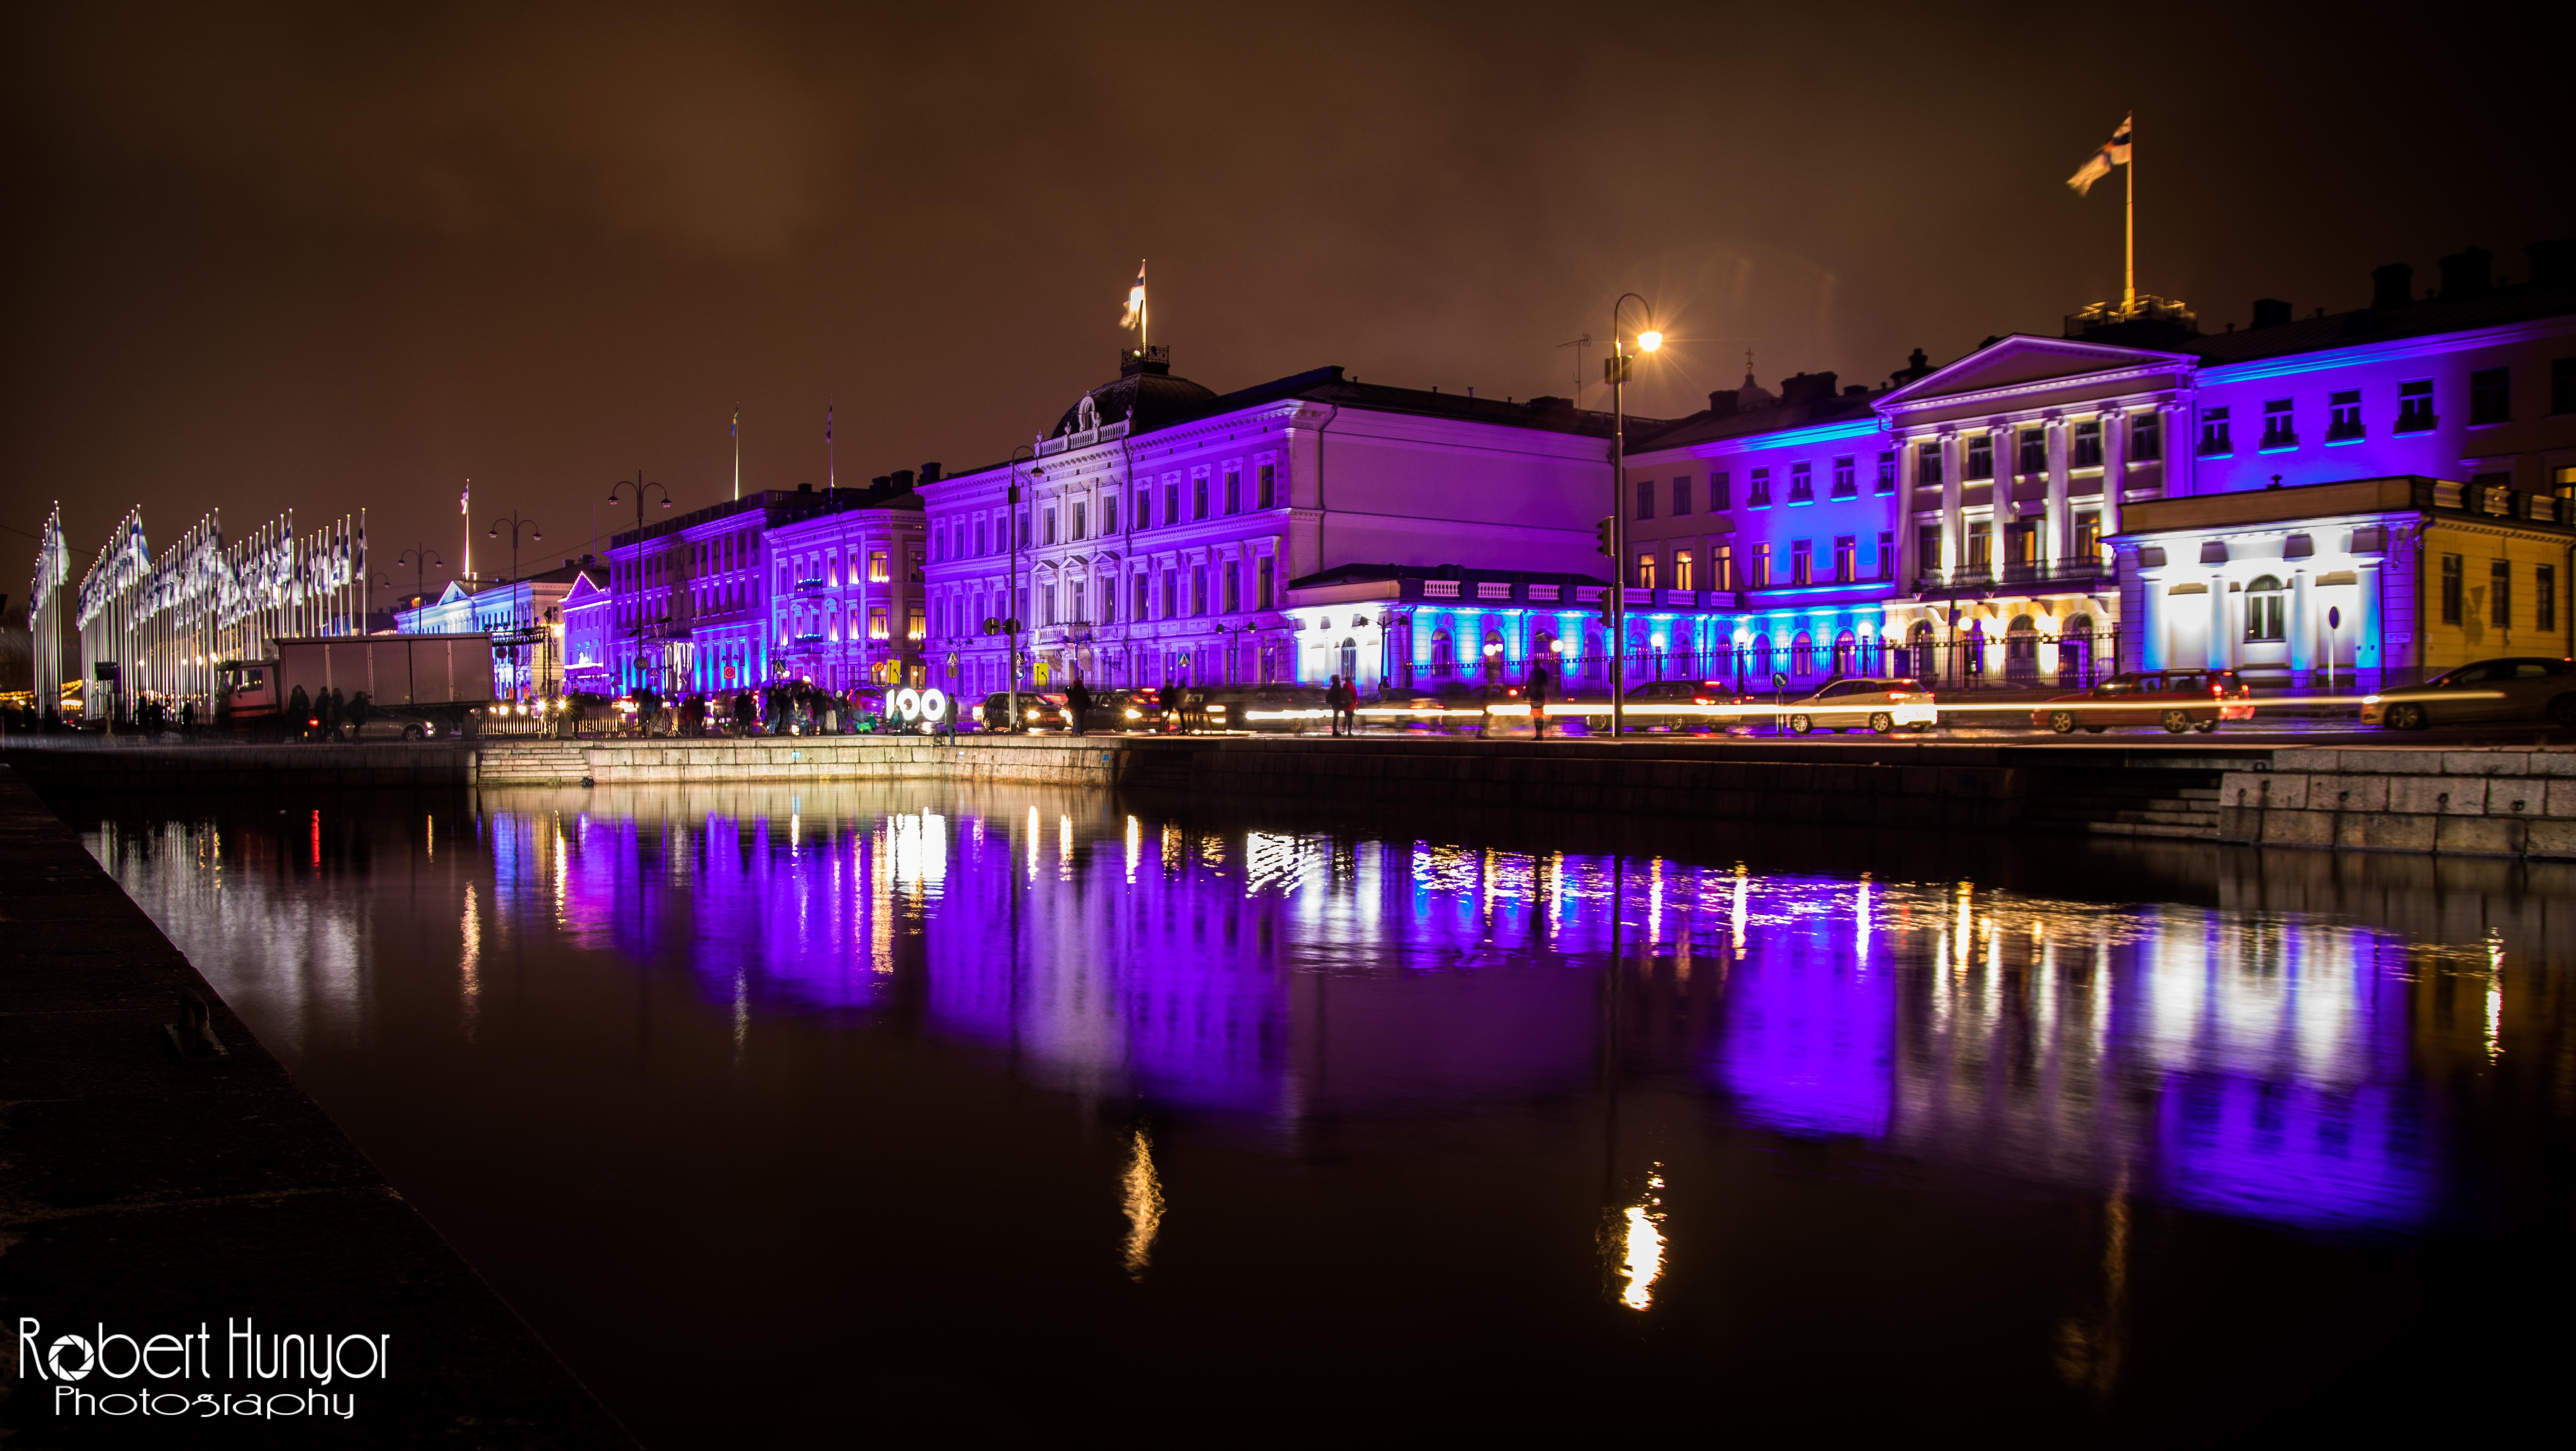 Finland 100 Year Anniversary